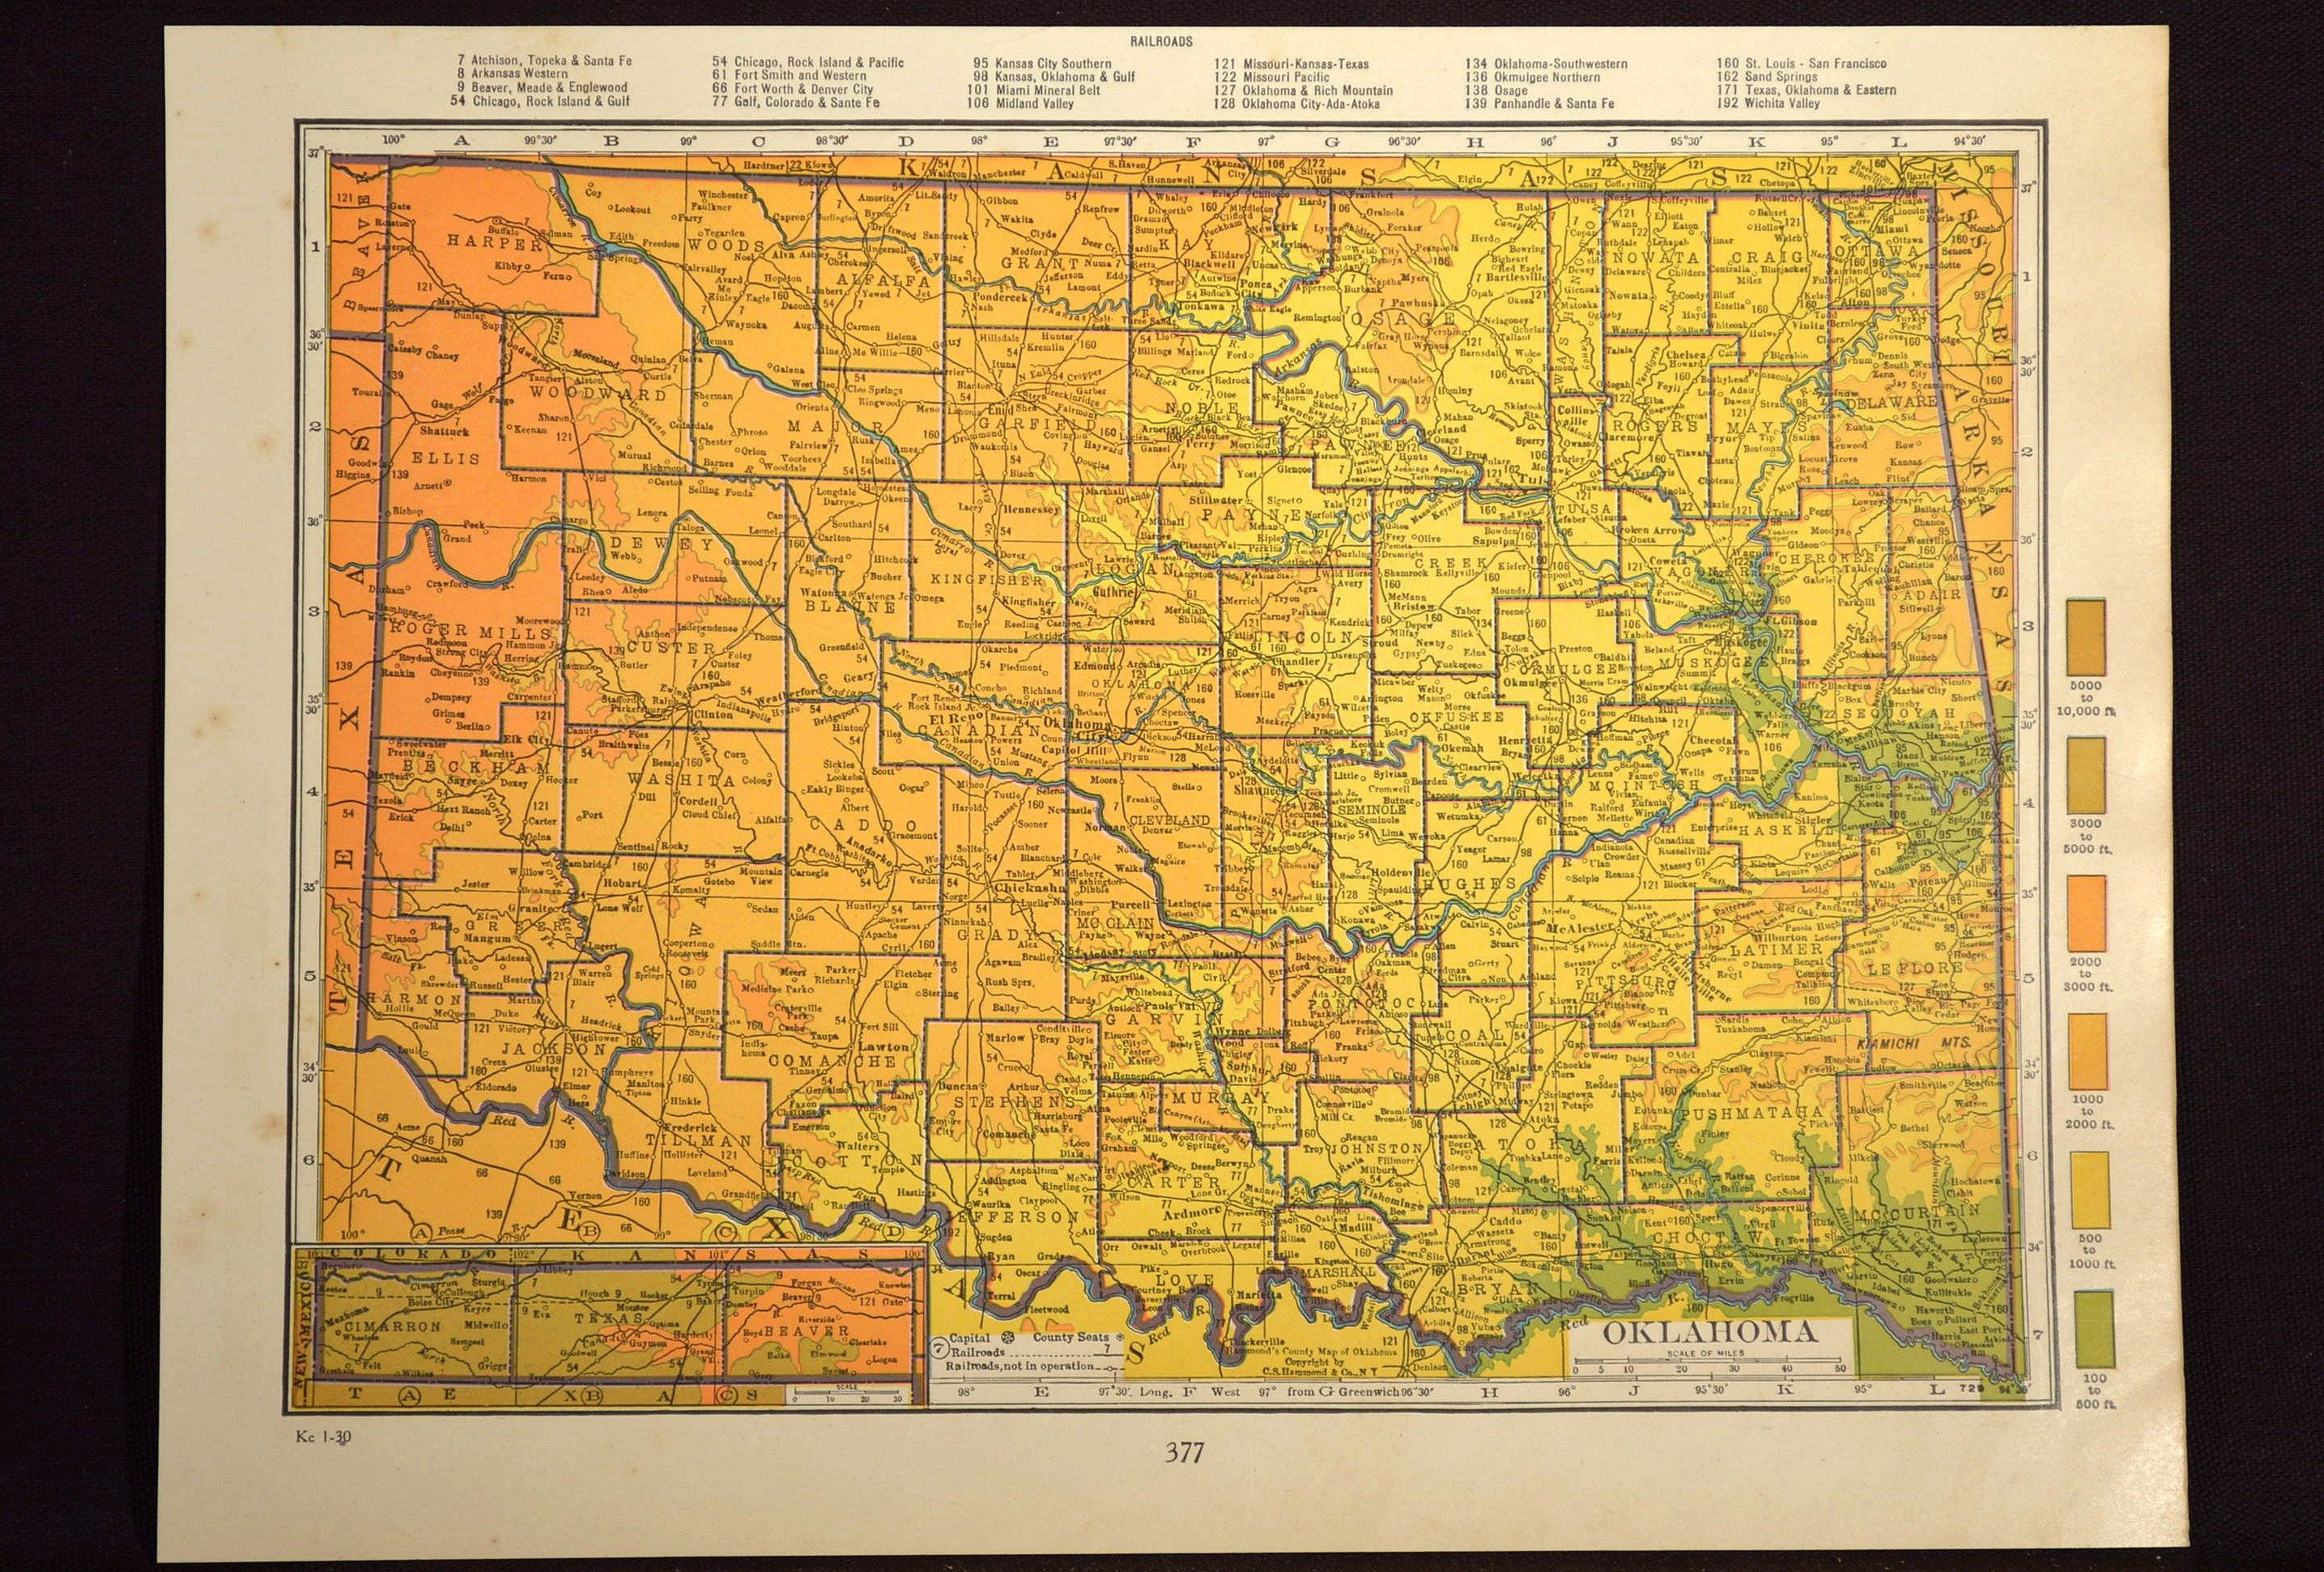 Topographic Map Oklahoma.Oklahoma Map Oklahoma Topographic Map Colorful Colored Topo Map